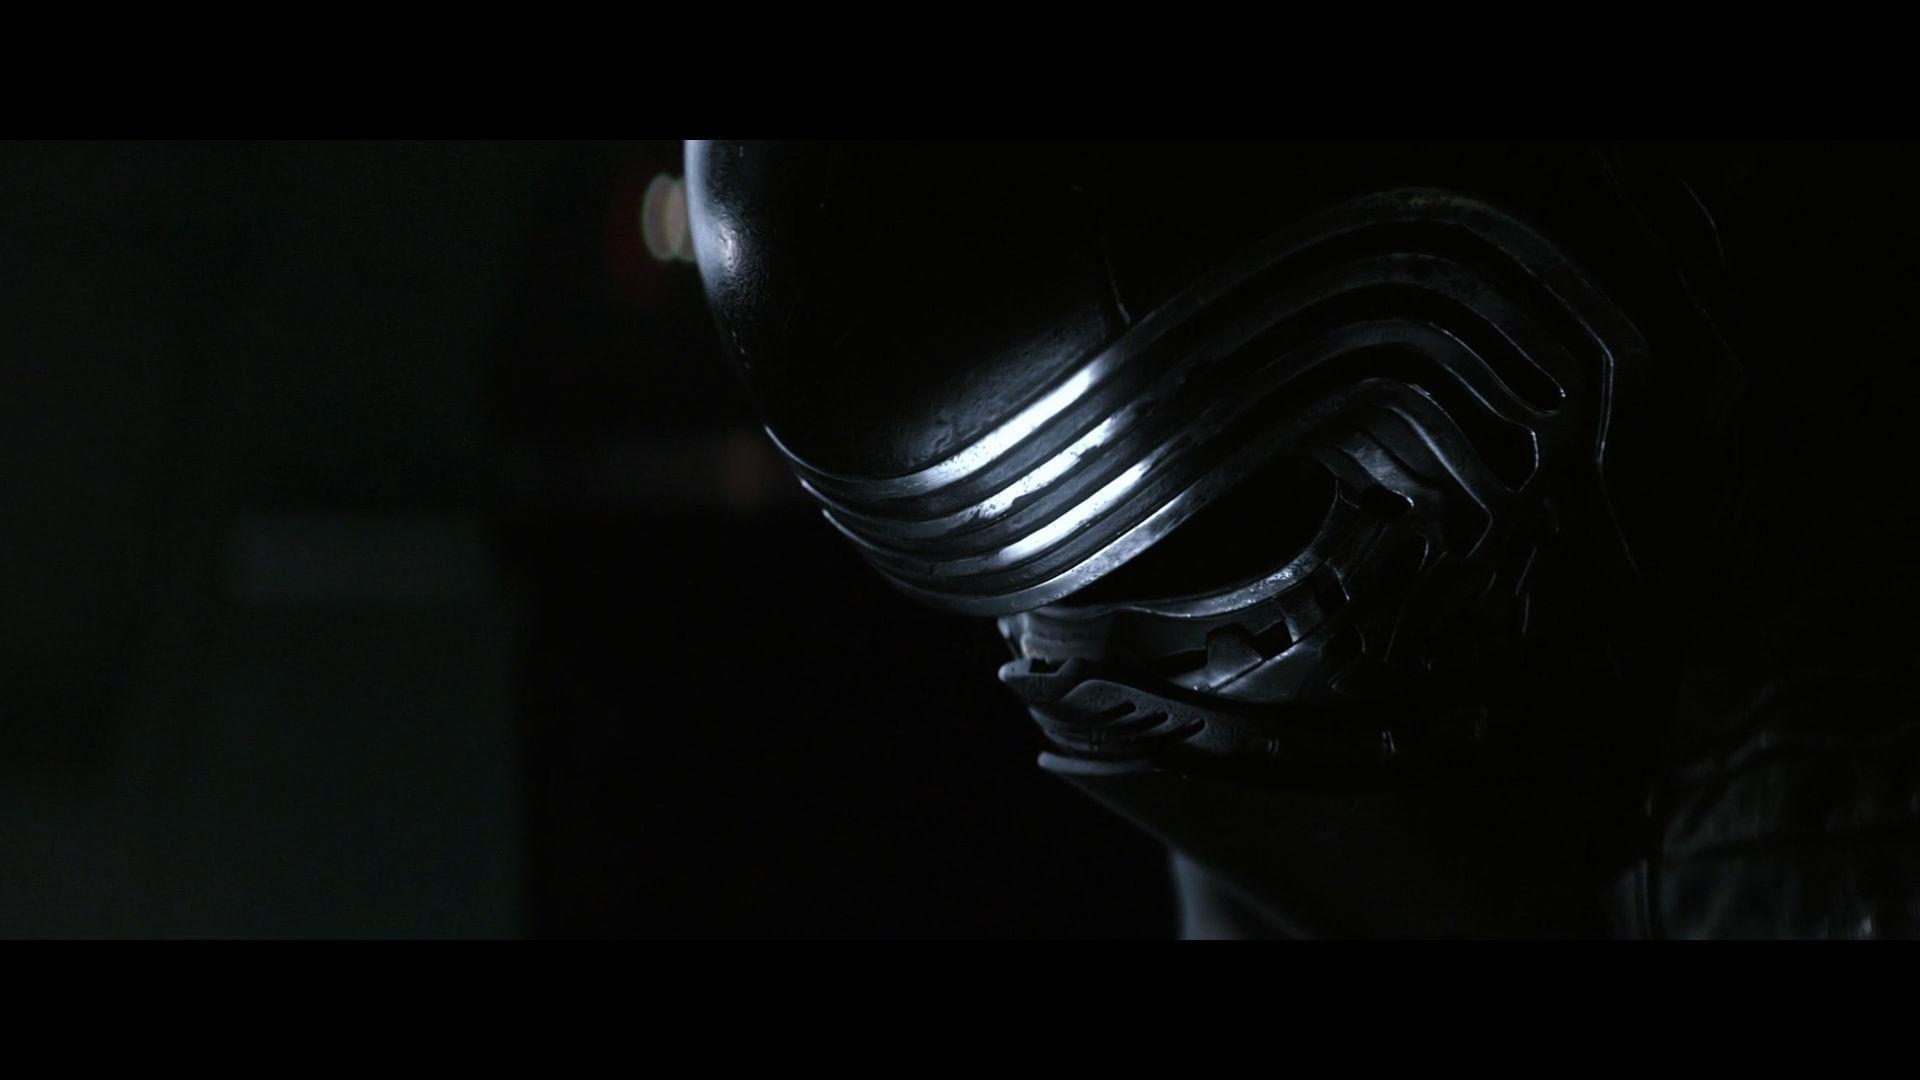 Star Wars Il risveglio della forza - Kylo Ren